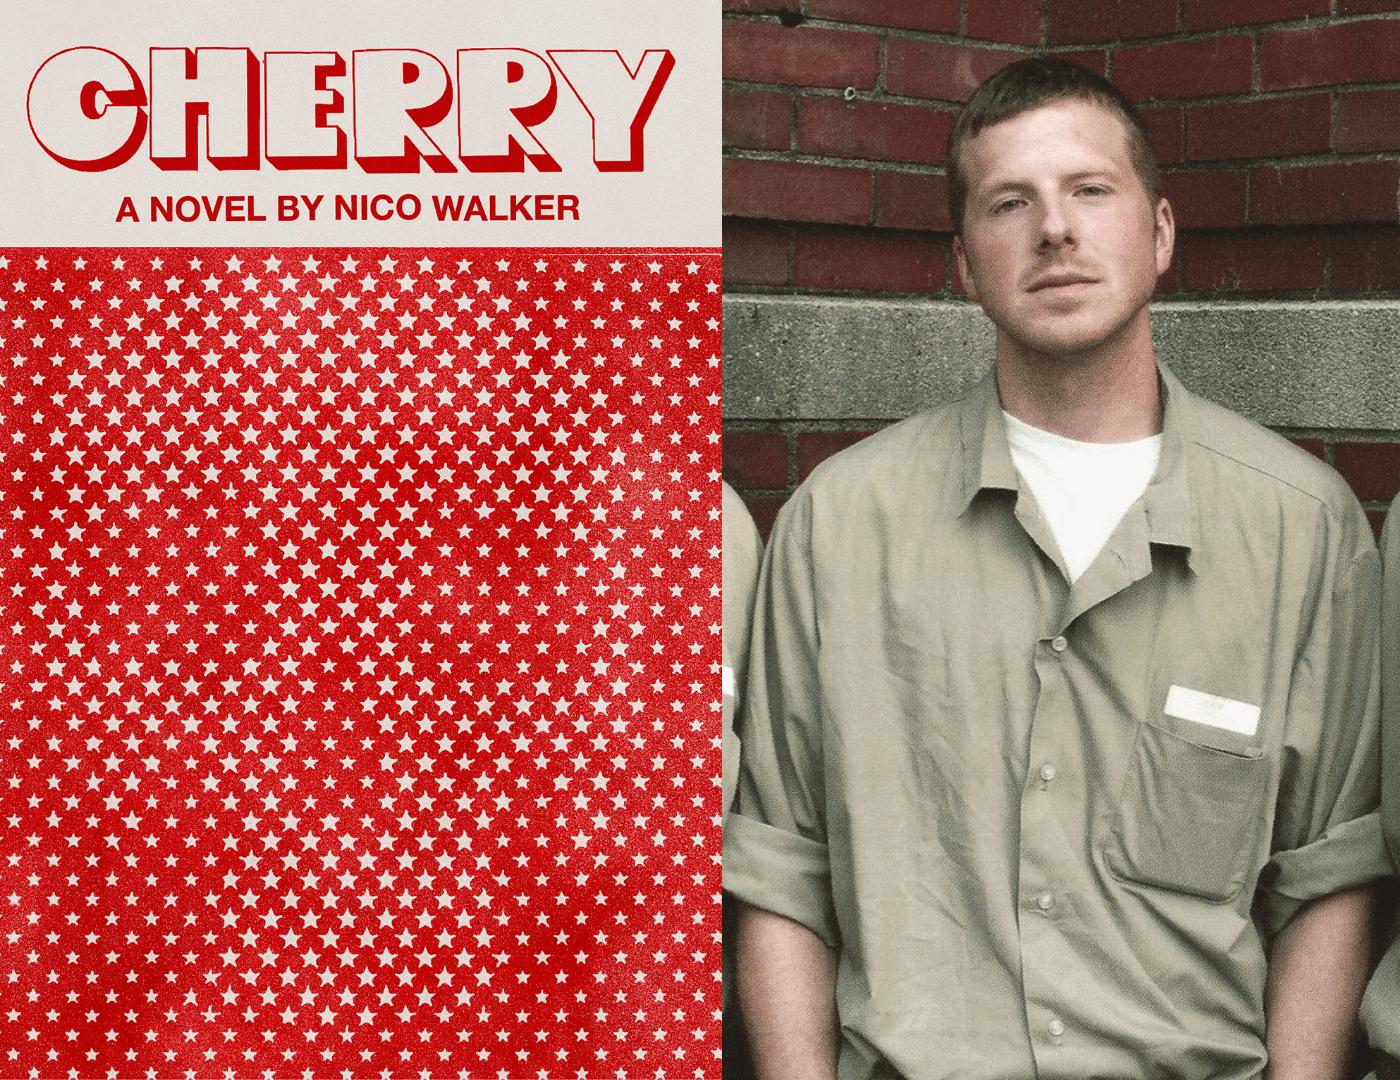 尼科沃克以自身經歷為參考,撰寫了小說《櫻桃》,即將由羅素兄弟翻拍成電影登上大銀幕。